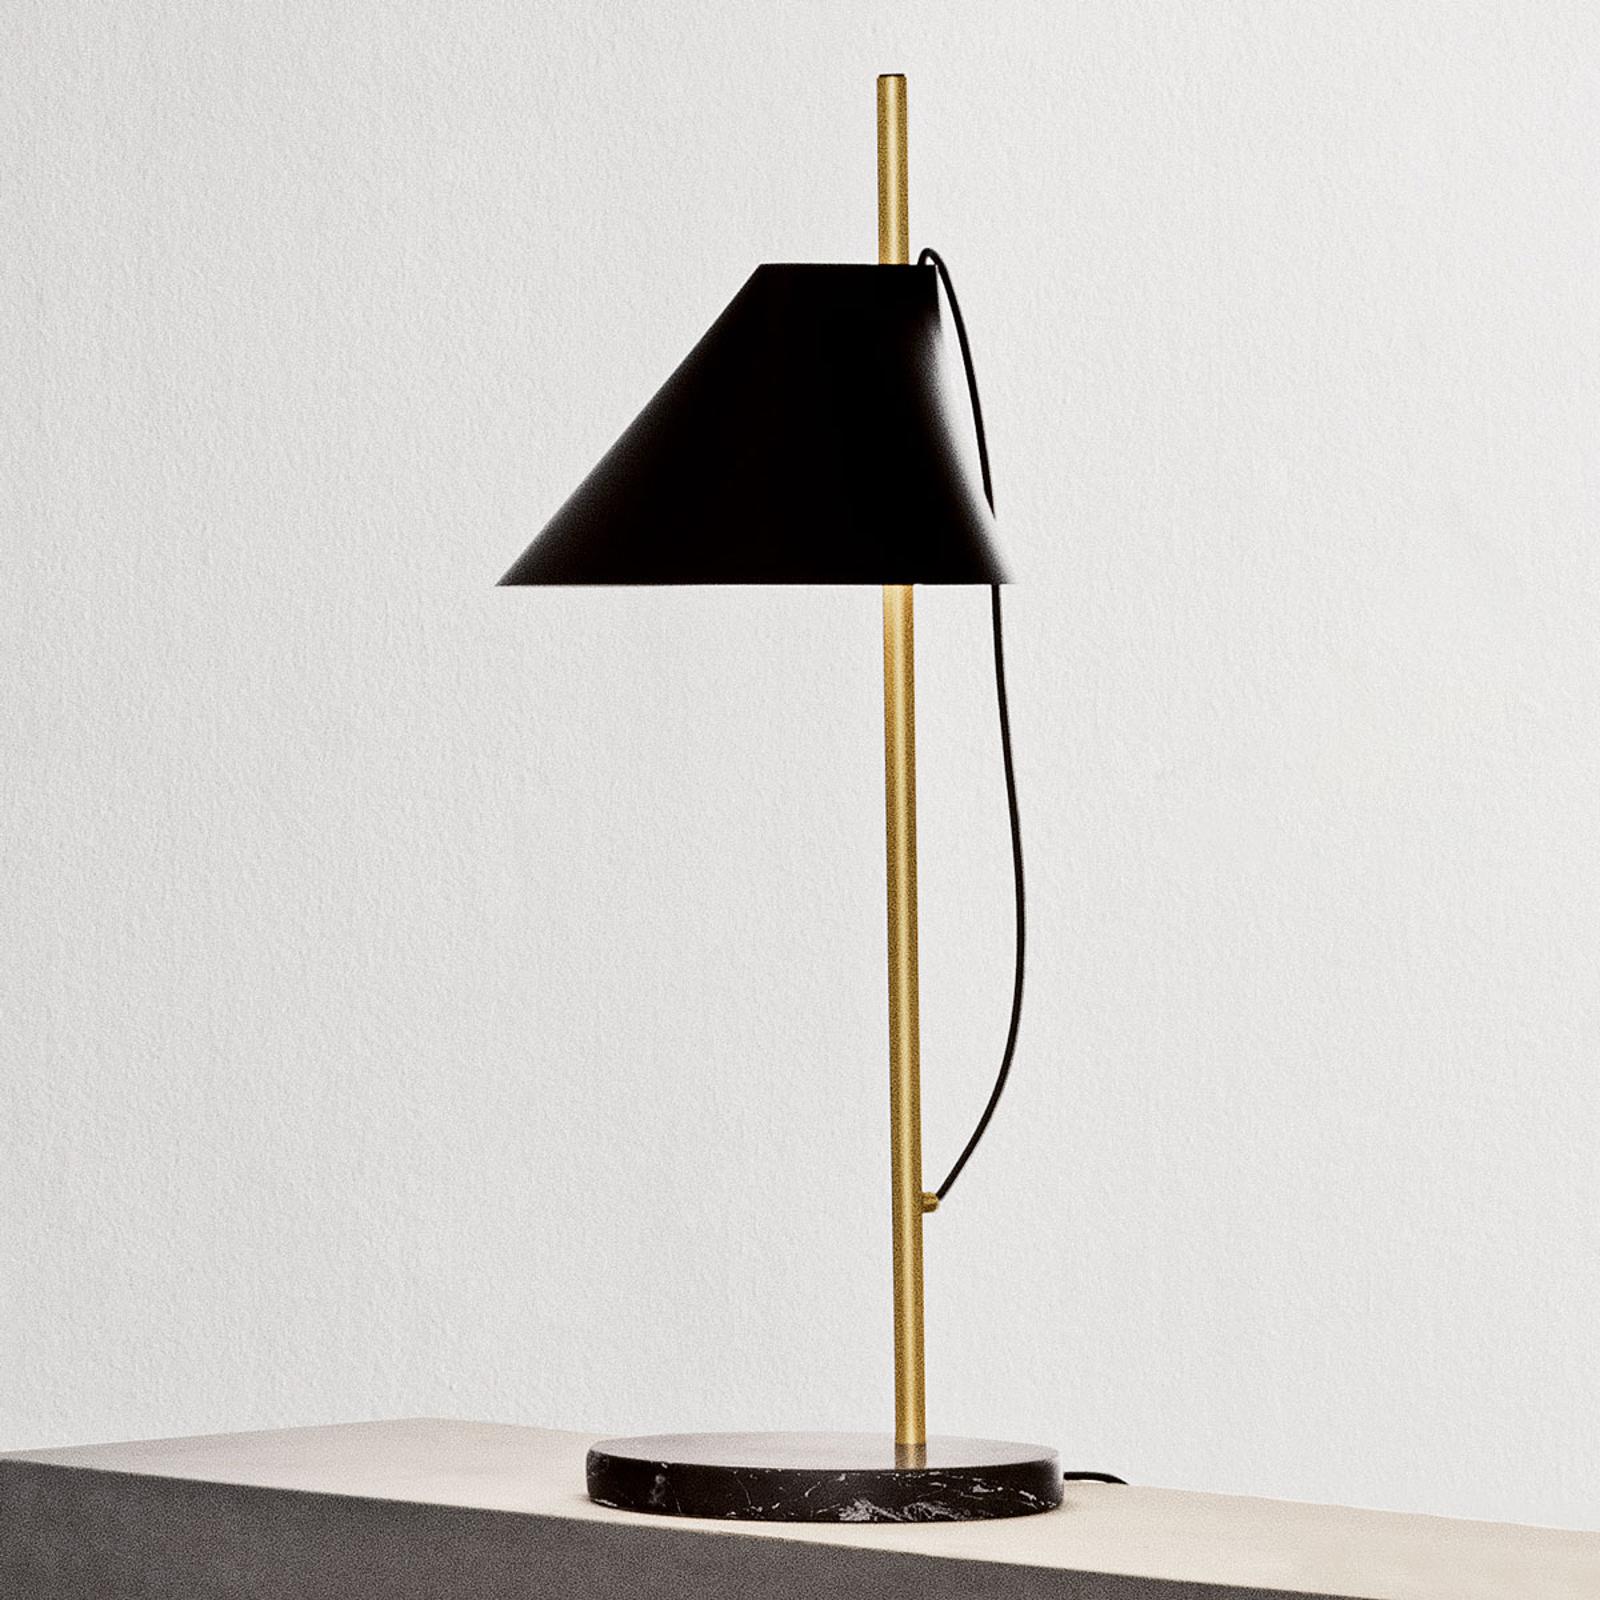 Louis Poulsen Marmor-Tischlampe Yuh Brass, schwarz